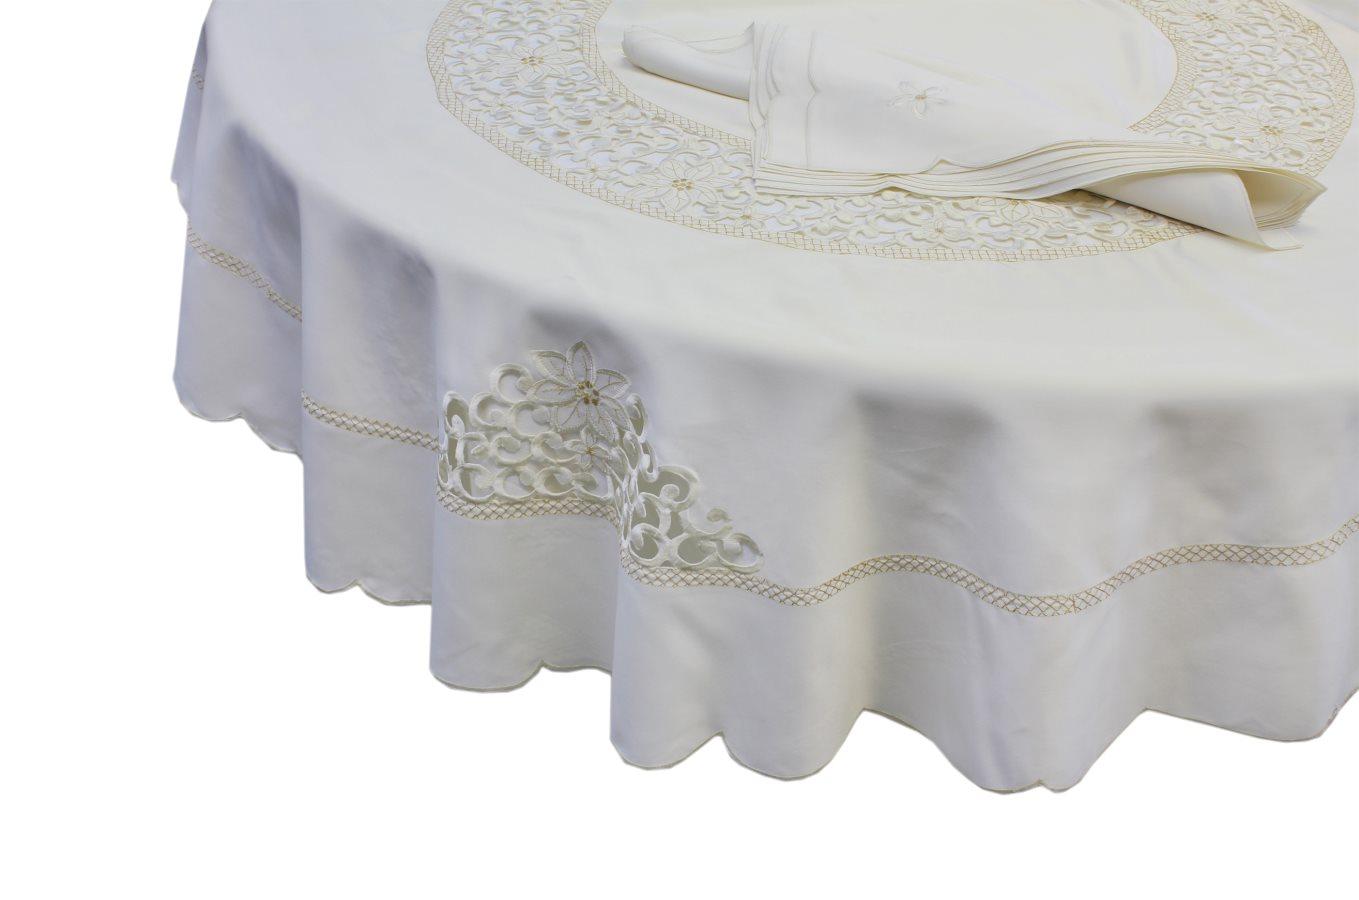 Elite Tovaglia Natalizia Ricamata 6 posti 140x180cm 6 Tovaglioli Bianco 07HF2109